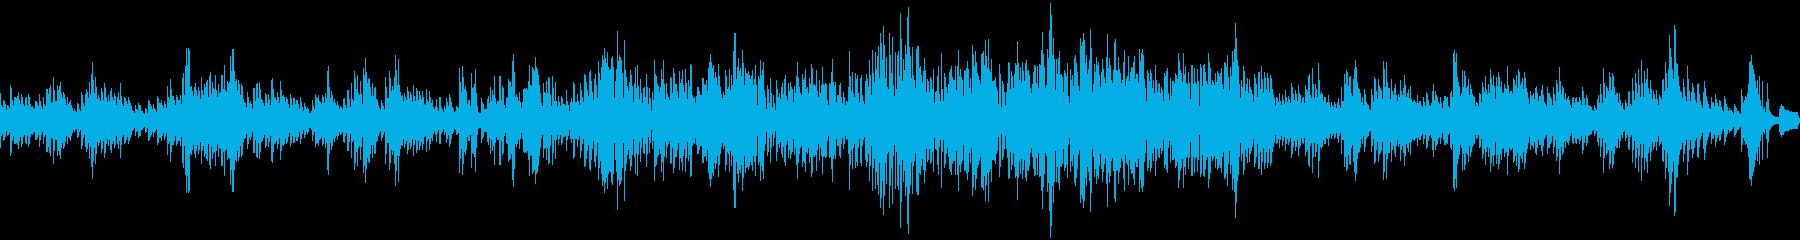 ジャズ センチメンタル 感情的 バ...の再生済みの波形